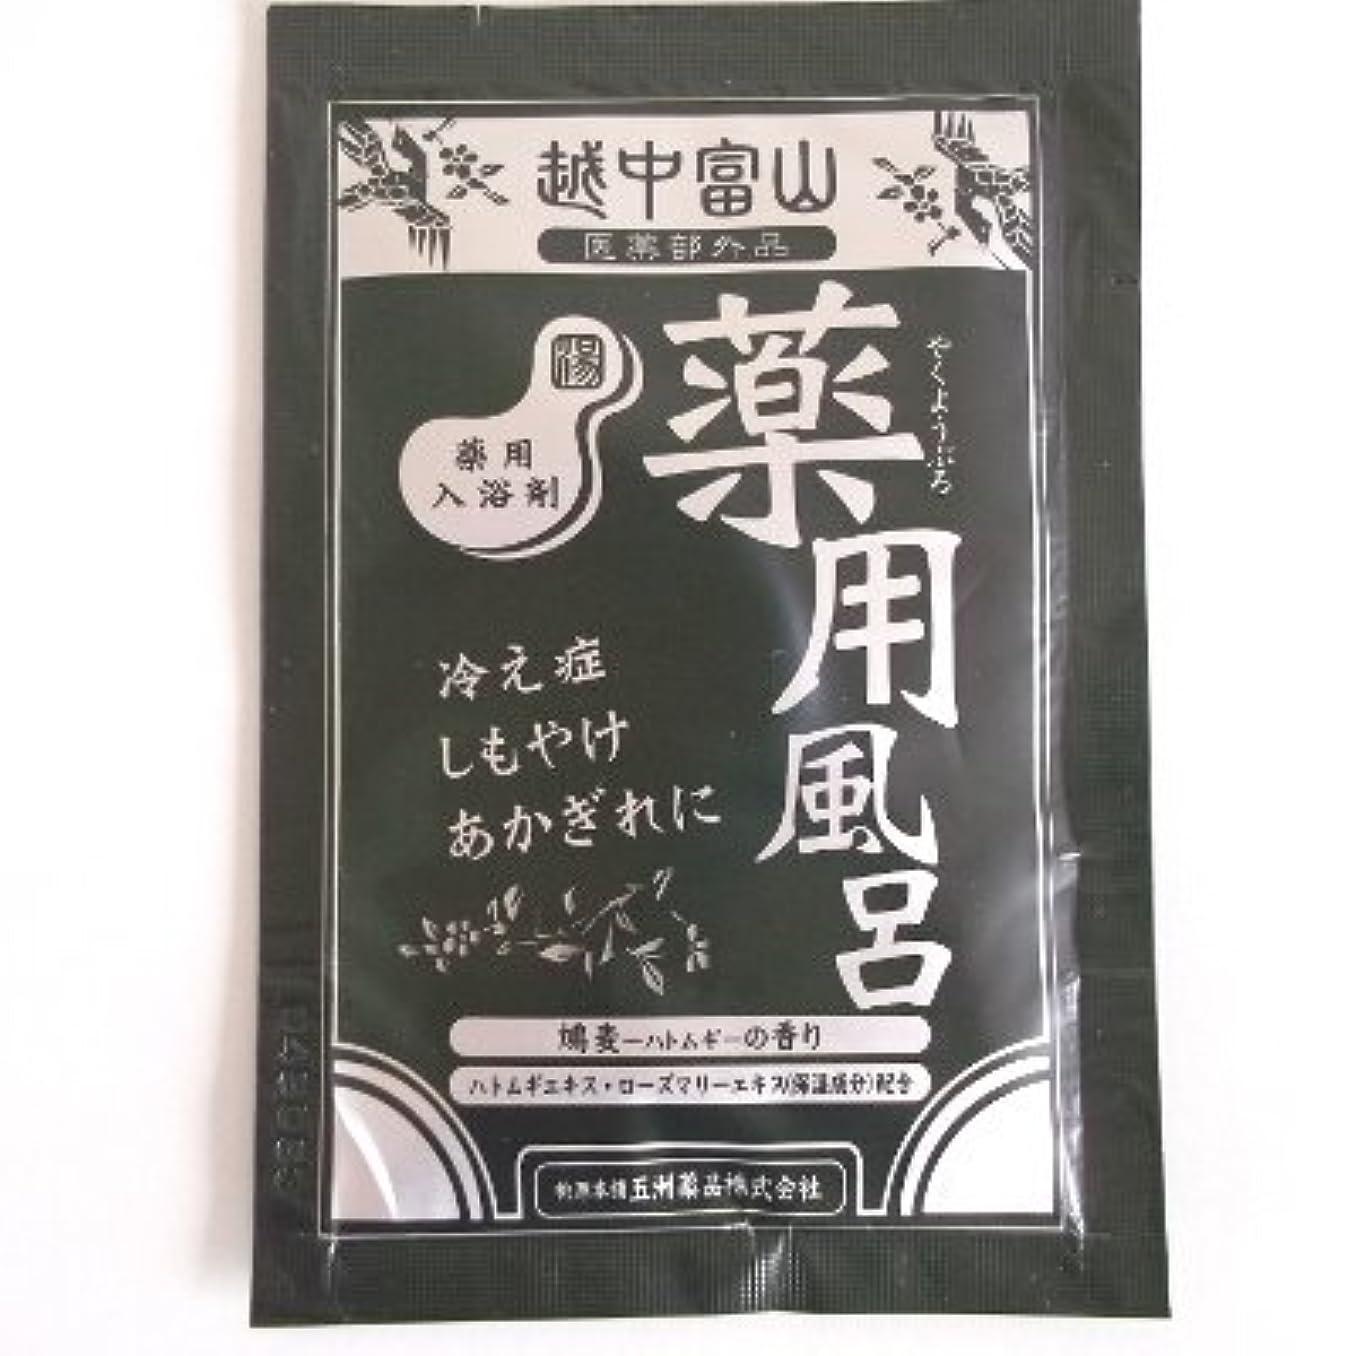 パリティ世界の窓誇り越中富山薬用風呂 鳩麦の香り